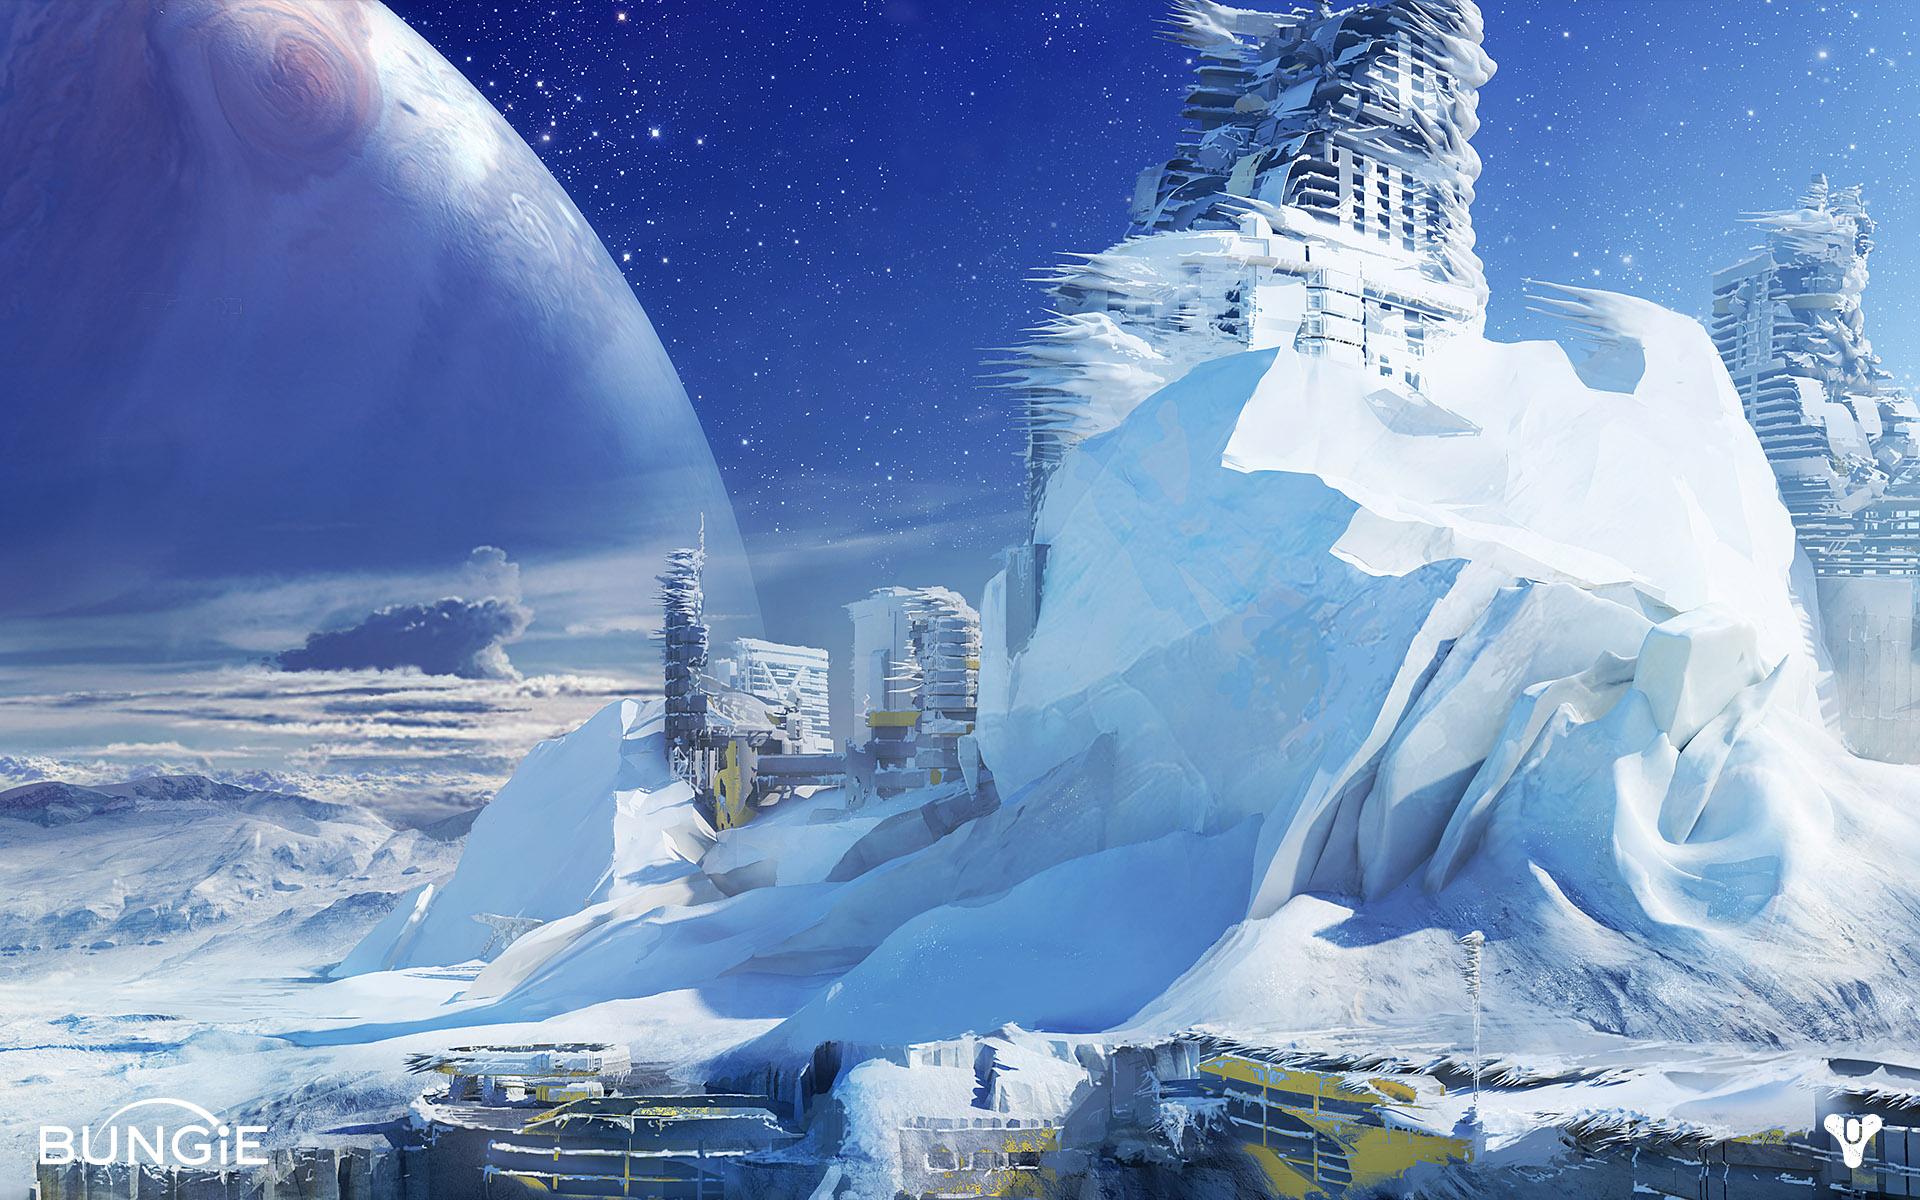 Europa (Destiny concept art) : ImaginaryLandscapes